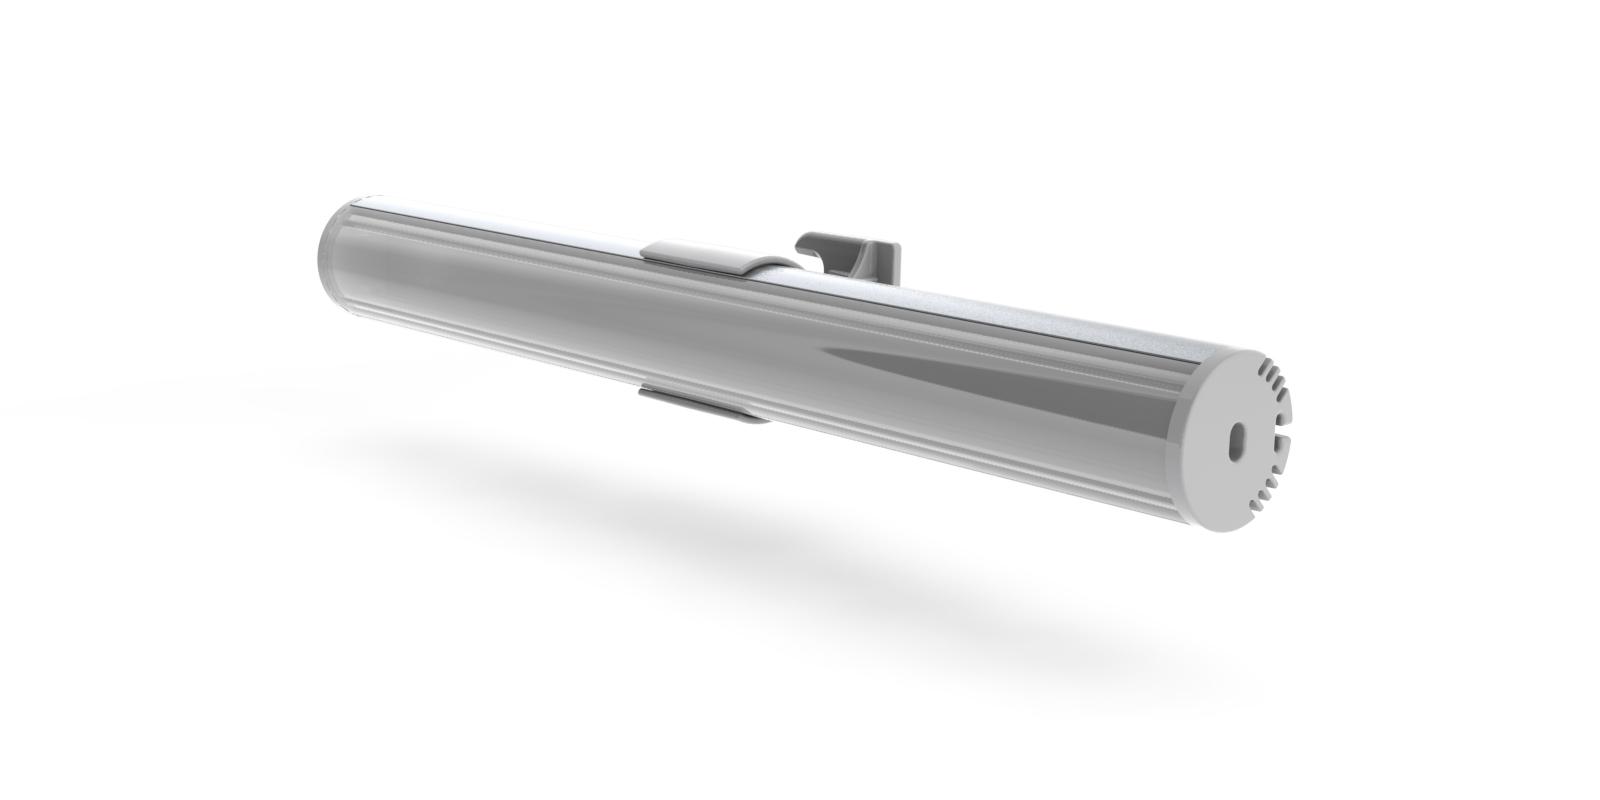 alu round led profile uk led lighting. Black Bedroom Furniture Sets. Home Design Ideas